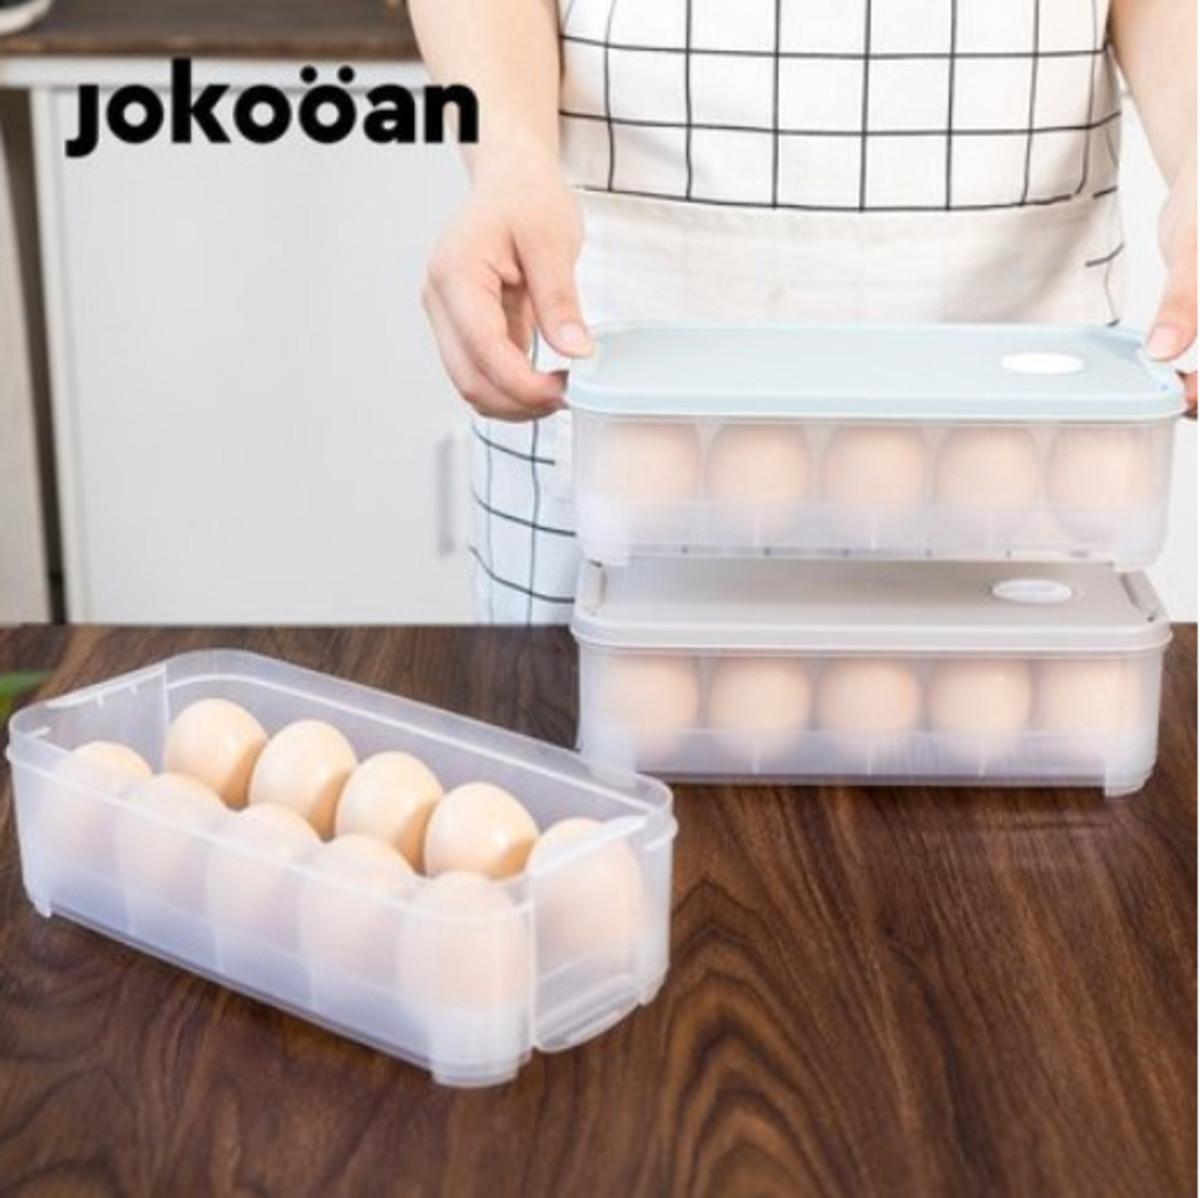 廚房冰箱食物保鮮盒雞蛋盒 灰色  雙層